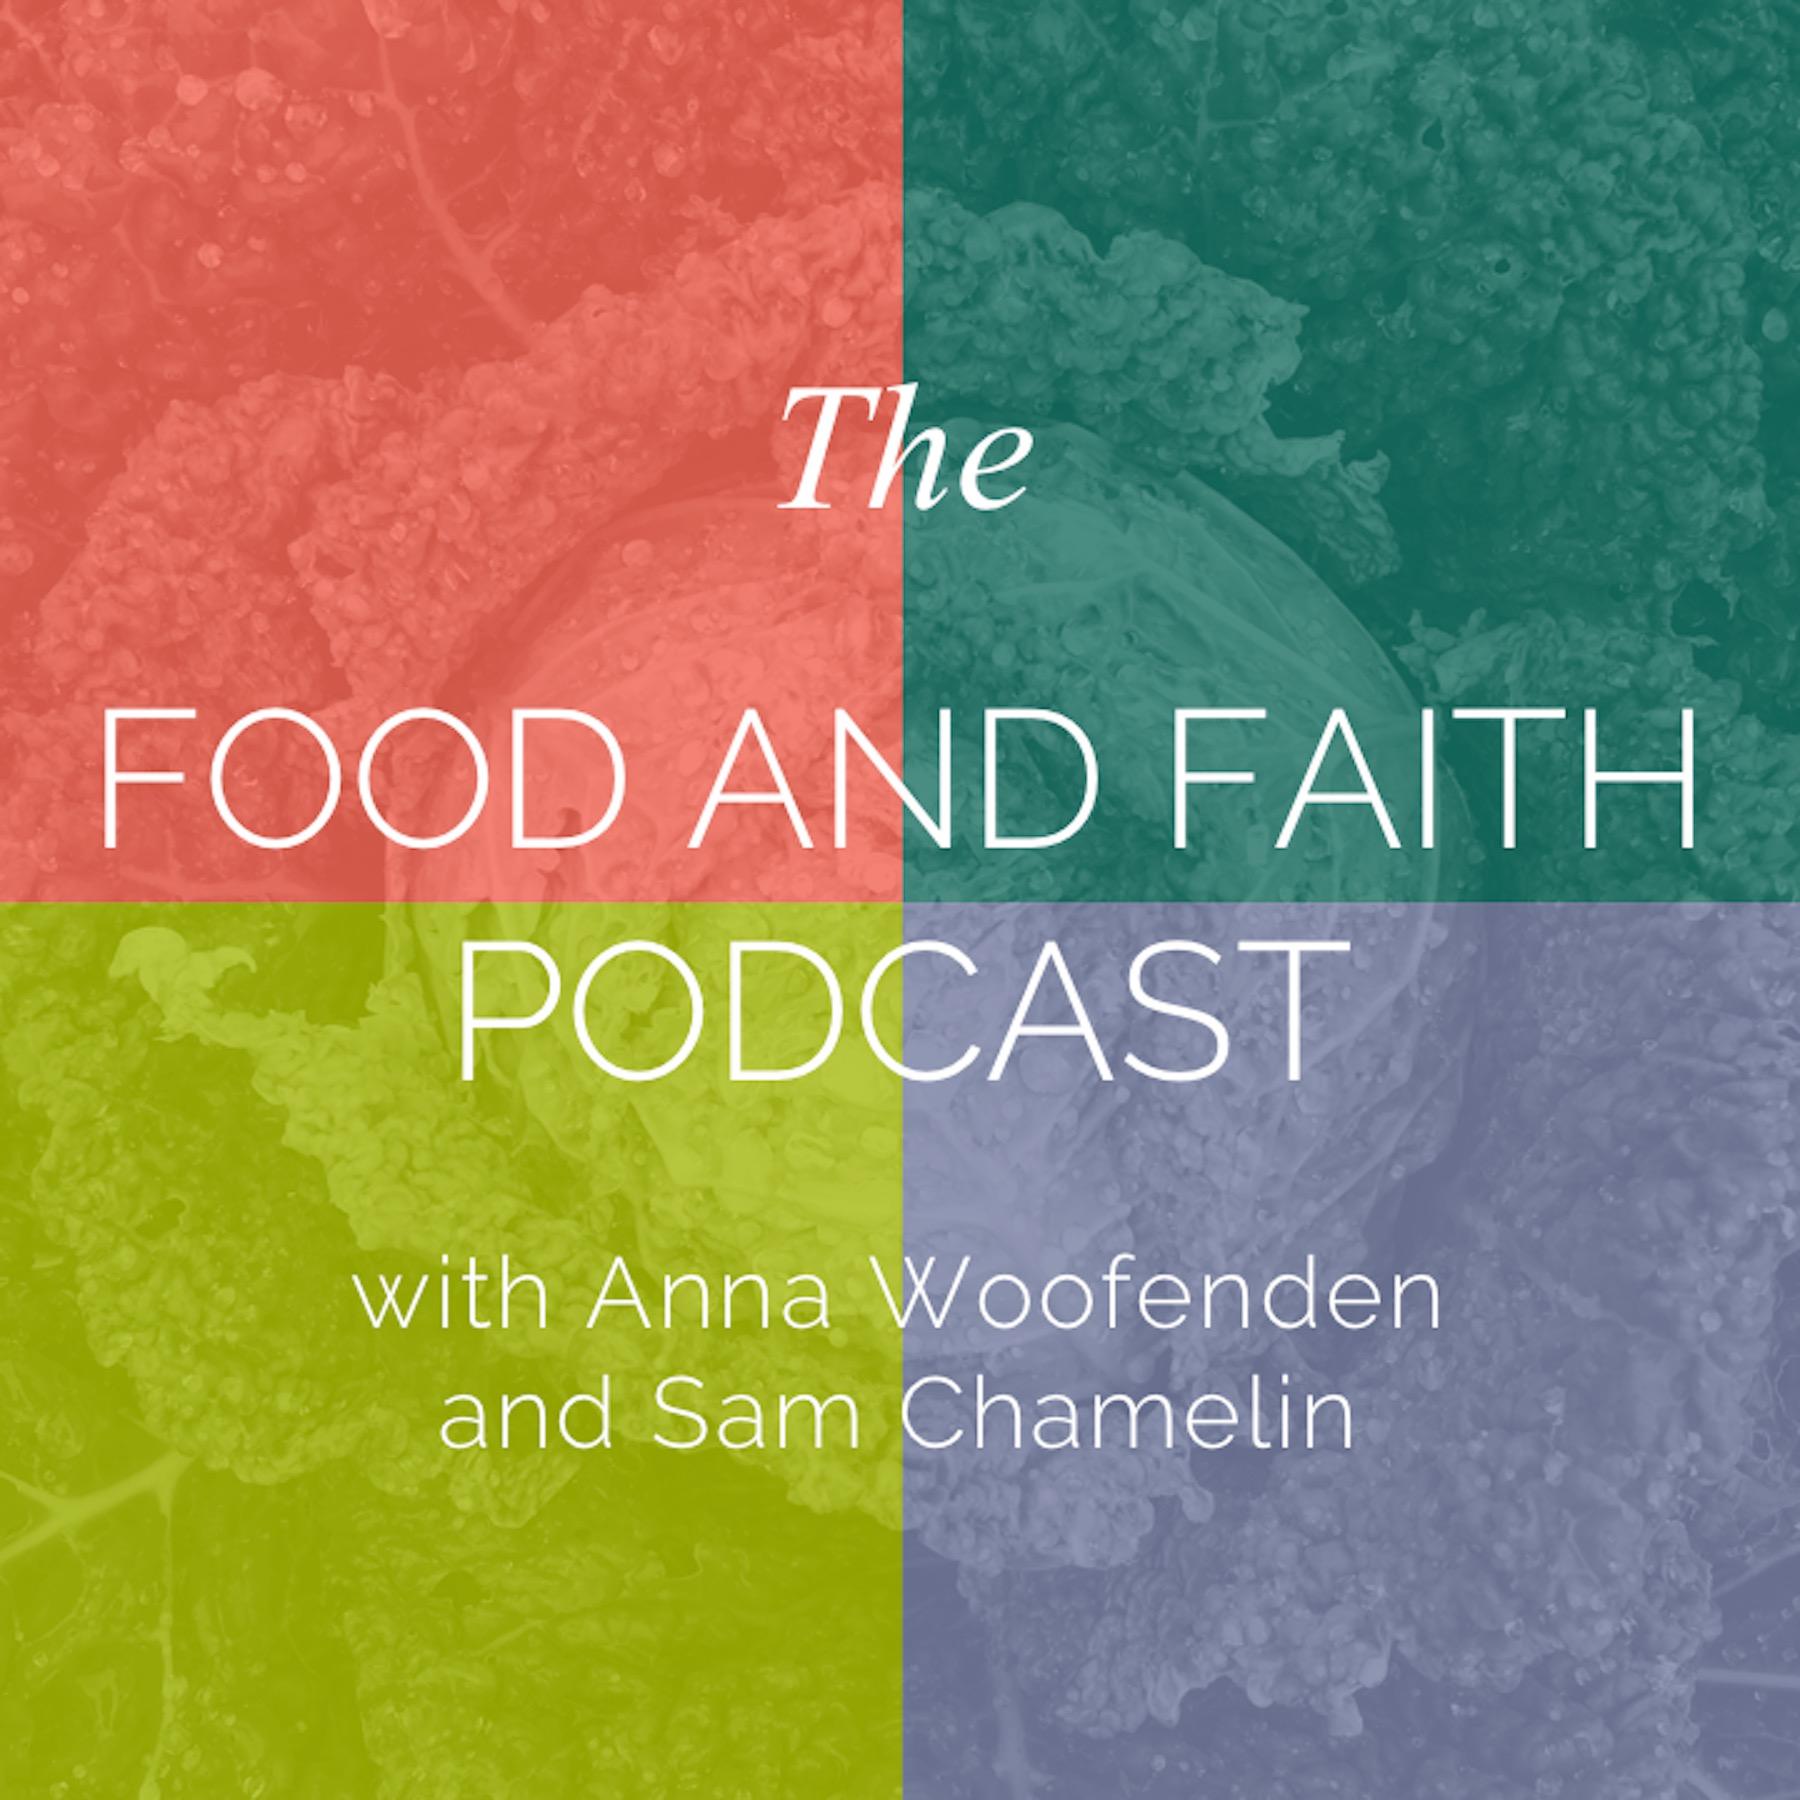 Food and Faith Podcast.jpeg